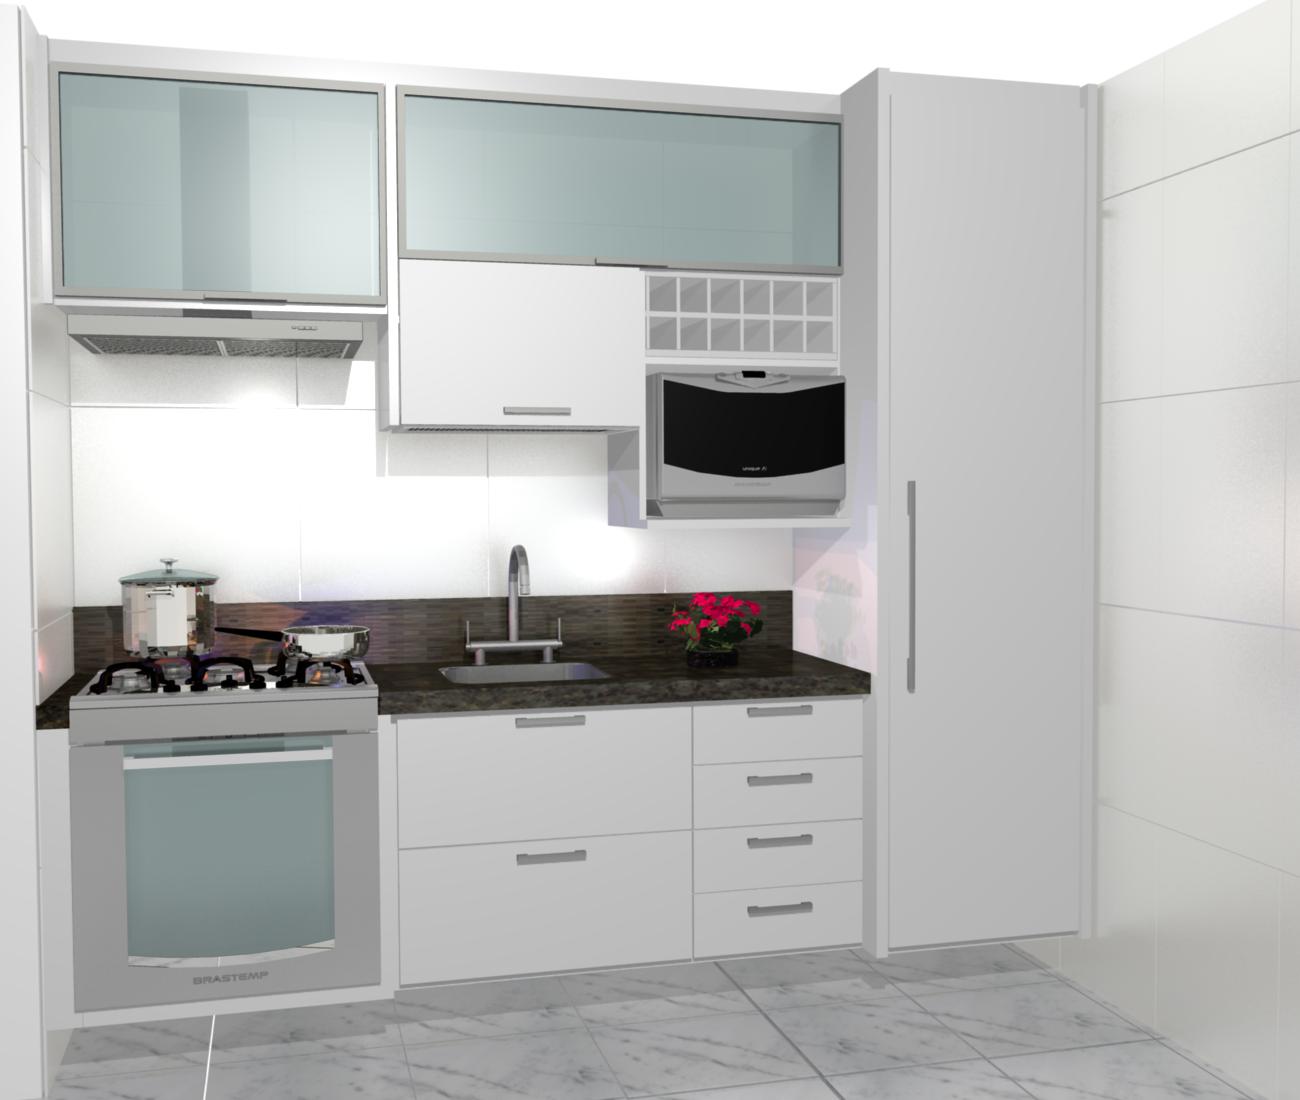 cozinha planejadas pequenas decorada americana modulada luxo moderna #644042 1300 1100